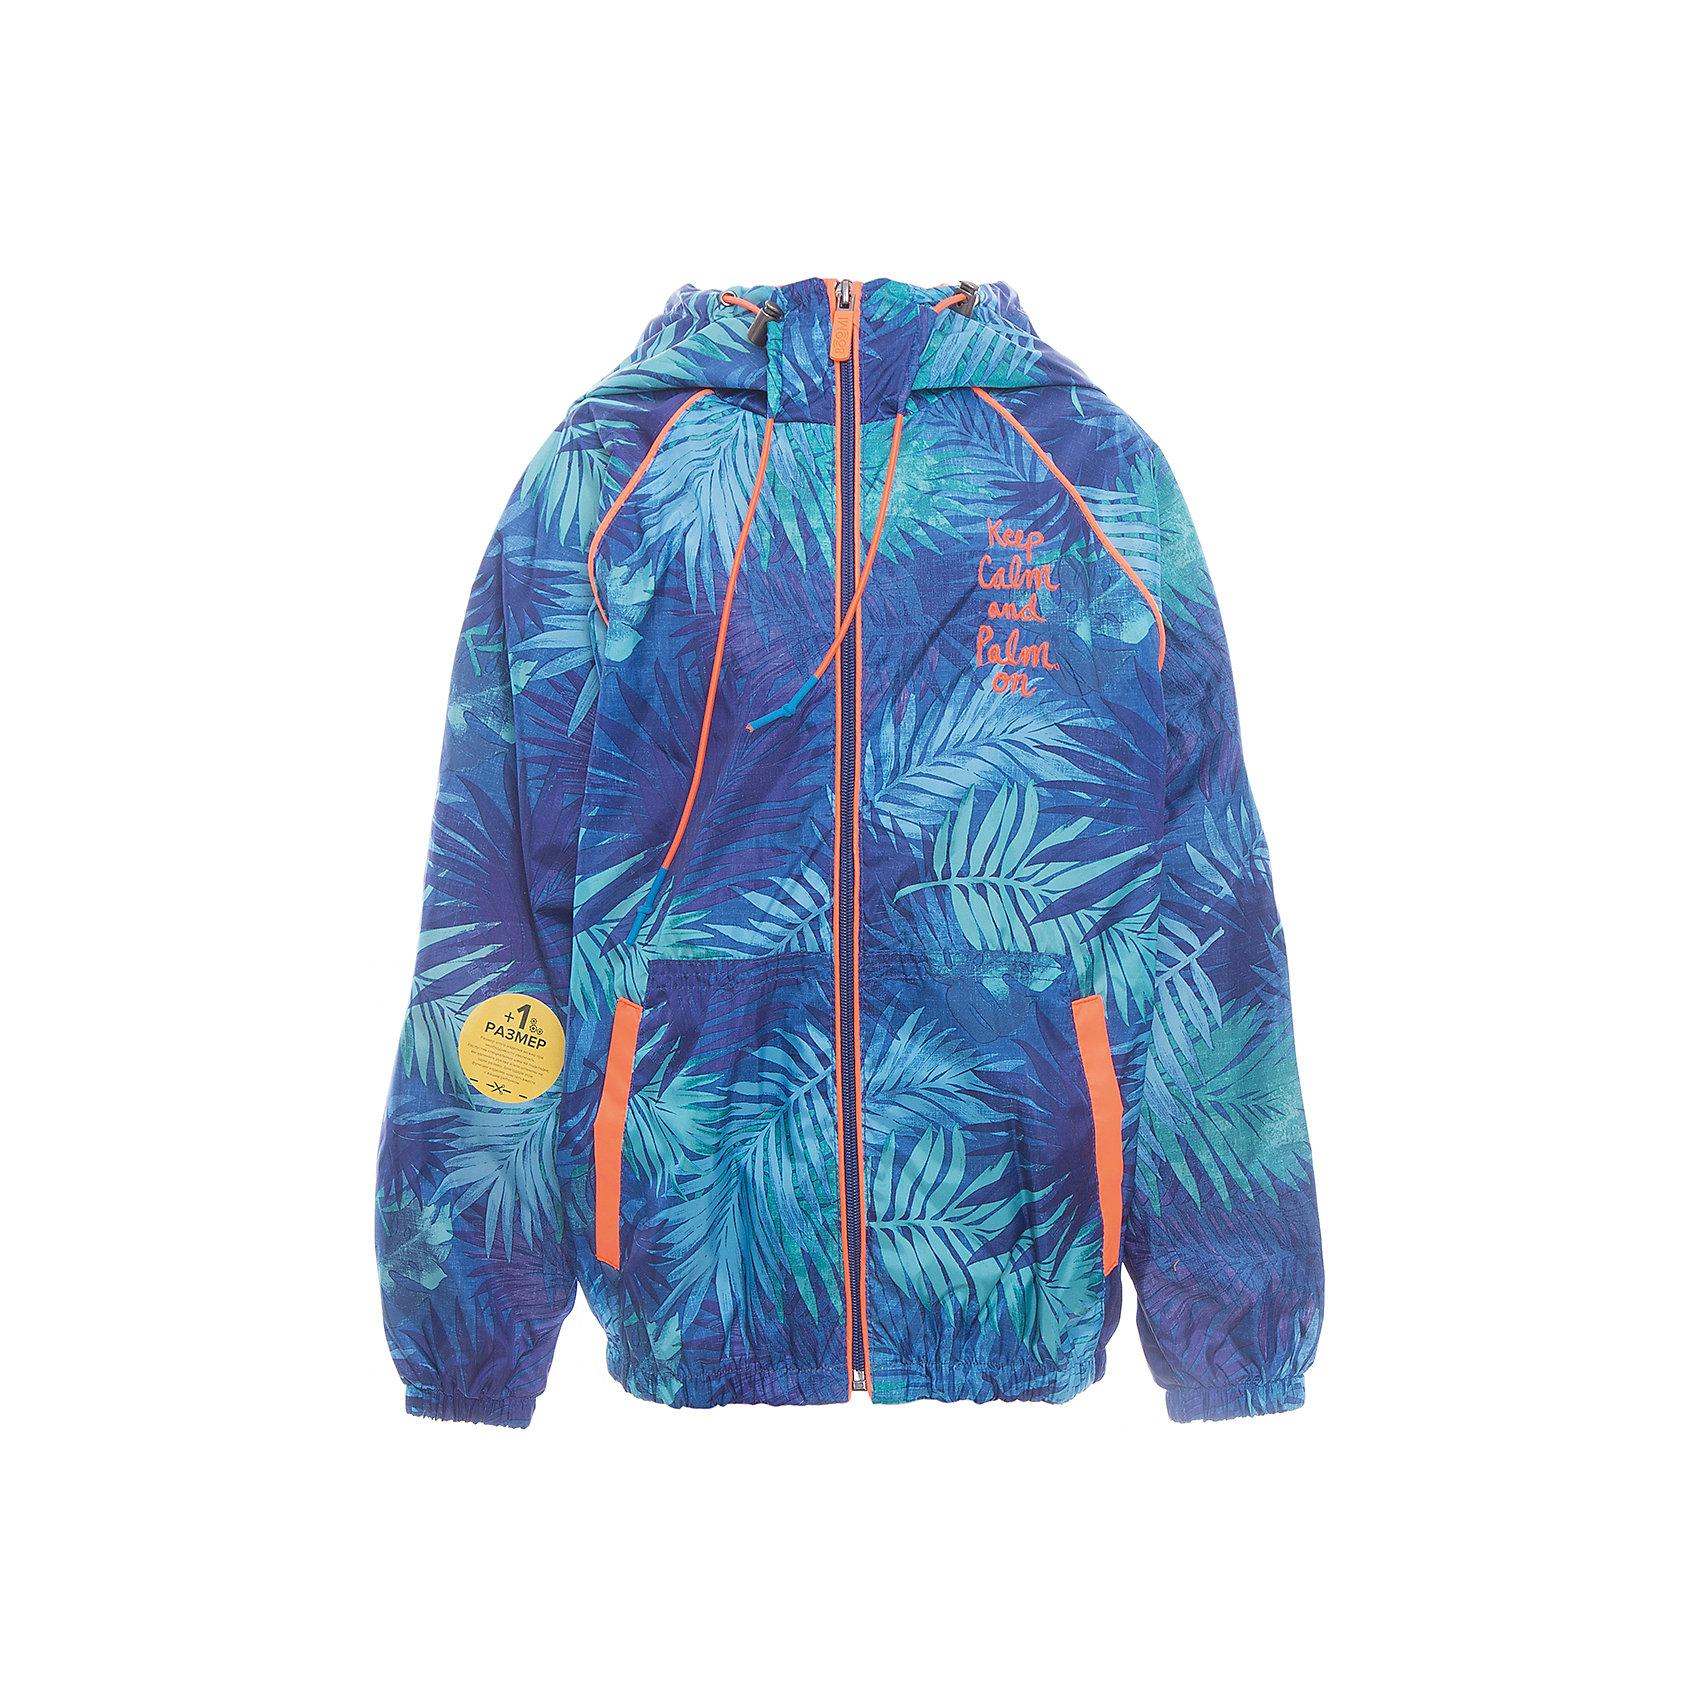 Куртка для мальчика BOOM by OrbyВерхняя одежда<br>Характеристики товара:<br><br>• цвет: синий<br>• состав: верх - таффета, подкладка - поликоттон, полиэстер, без утеплителя<br>• температурный режим: от +10° до +20°С<br>• карманы<br>• застежка - молния<br>• капюшон с утяжкой<br>• украшена принтом<br>• эластичные манжеты<br>• комфортная посадка<br>• страна производства: Российская Федерация<br>• страна бренда: Российская Федерация<br>• коллекция: весна-лето 2017<br><br>Легкая куртка - универсальный вариант и для прохладного летнего вечера, и для теплого межсезонья. Эта модель - модная и удобная одновременно! Изделие отличается стильным ярким дизайном. Куртка хорошо сидит по фигуре, отлично сочетается с различным низом. Вещь была разработана специально для детей.<br><br>Куртку для мальчика от бренда BOOM by Orby можно купить в нашем интернет-магазине.<br><br>Ширина мм: 356<br>Глубина мм: 10<br>Высота мм: 245<br>Вес г: 519<br>Цвет: синий<br>Возраст от месяцев: 48<br>Возраст до месяцев: 60<br>Пол: Мужской<br>Возраст: Детский<br>Размер: 110,146,152,158,116,86,122,92,128,98,134,140<br>SKU: 5343318